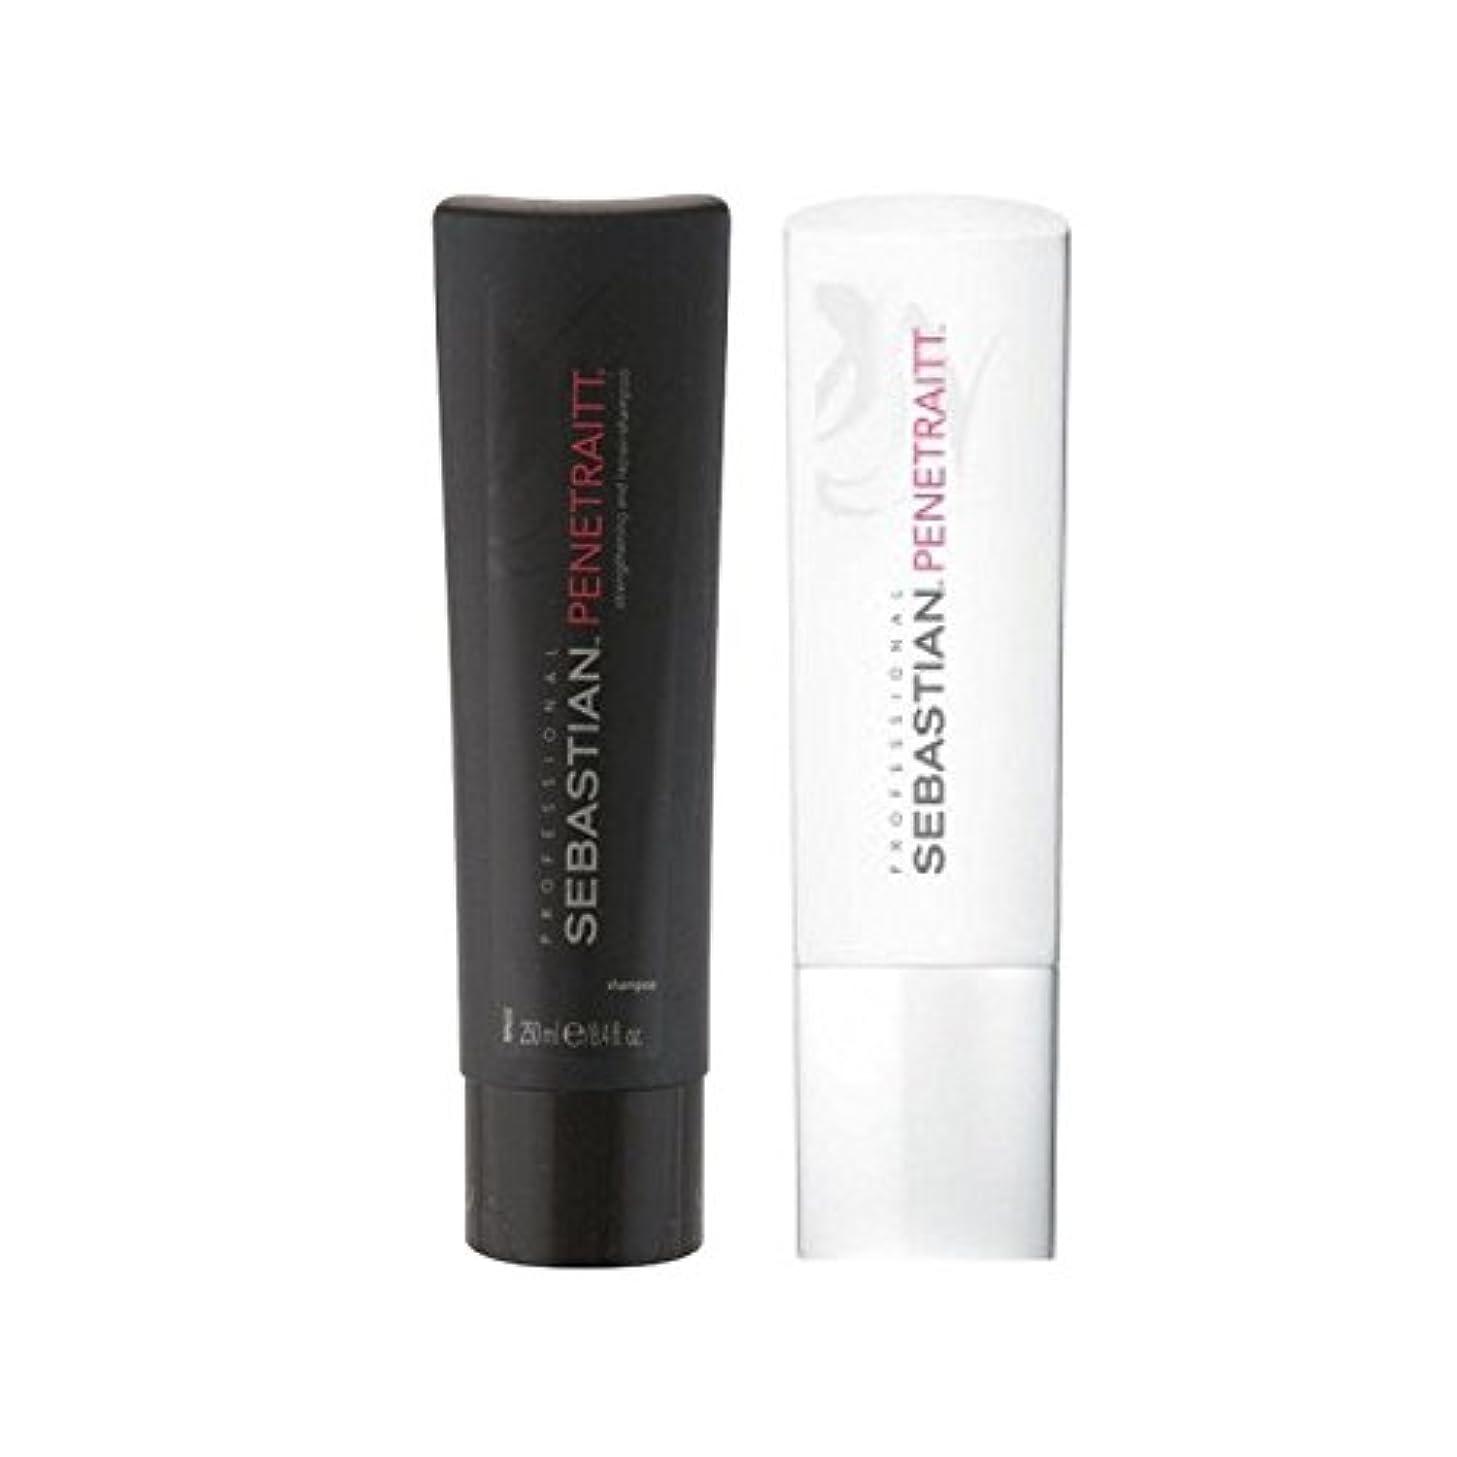 手カートン要塞Sebastian Professional Penetraitt Duo - Shampoo & Conditioner - セバスチャンプロデュオ - シャンプー&コンディショナー [並行輸入品]